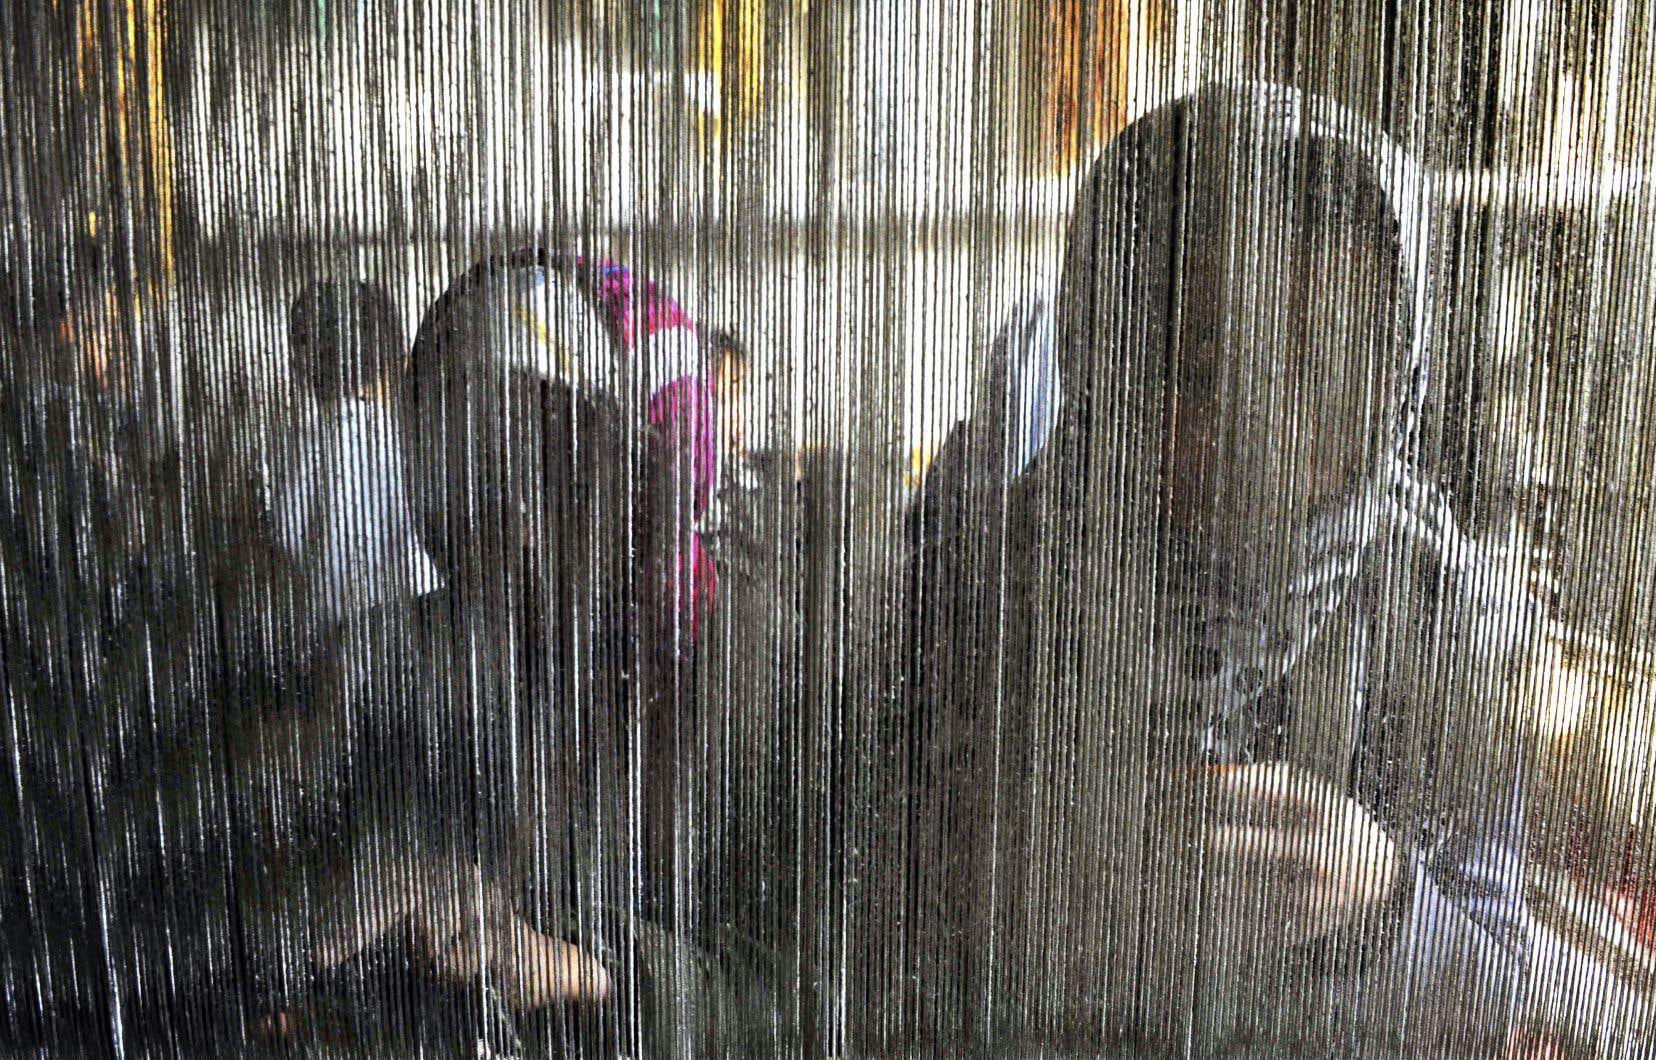 De jeunes Afghans travaillent à tisser des tapis destinés à l'exportation.